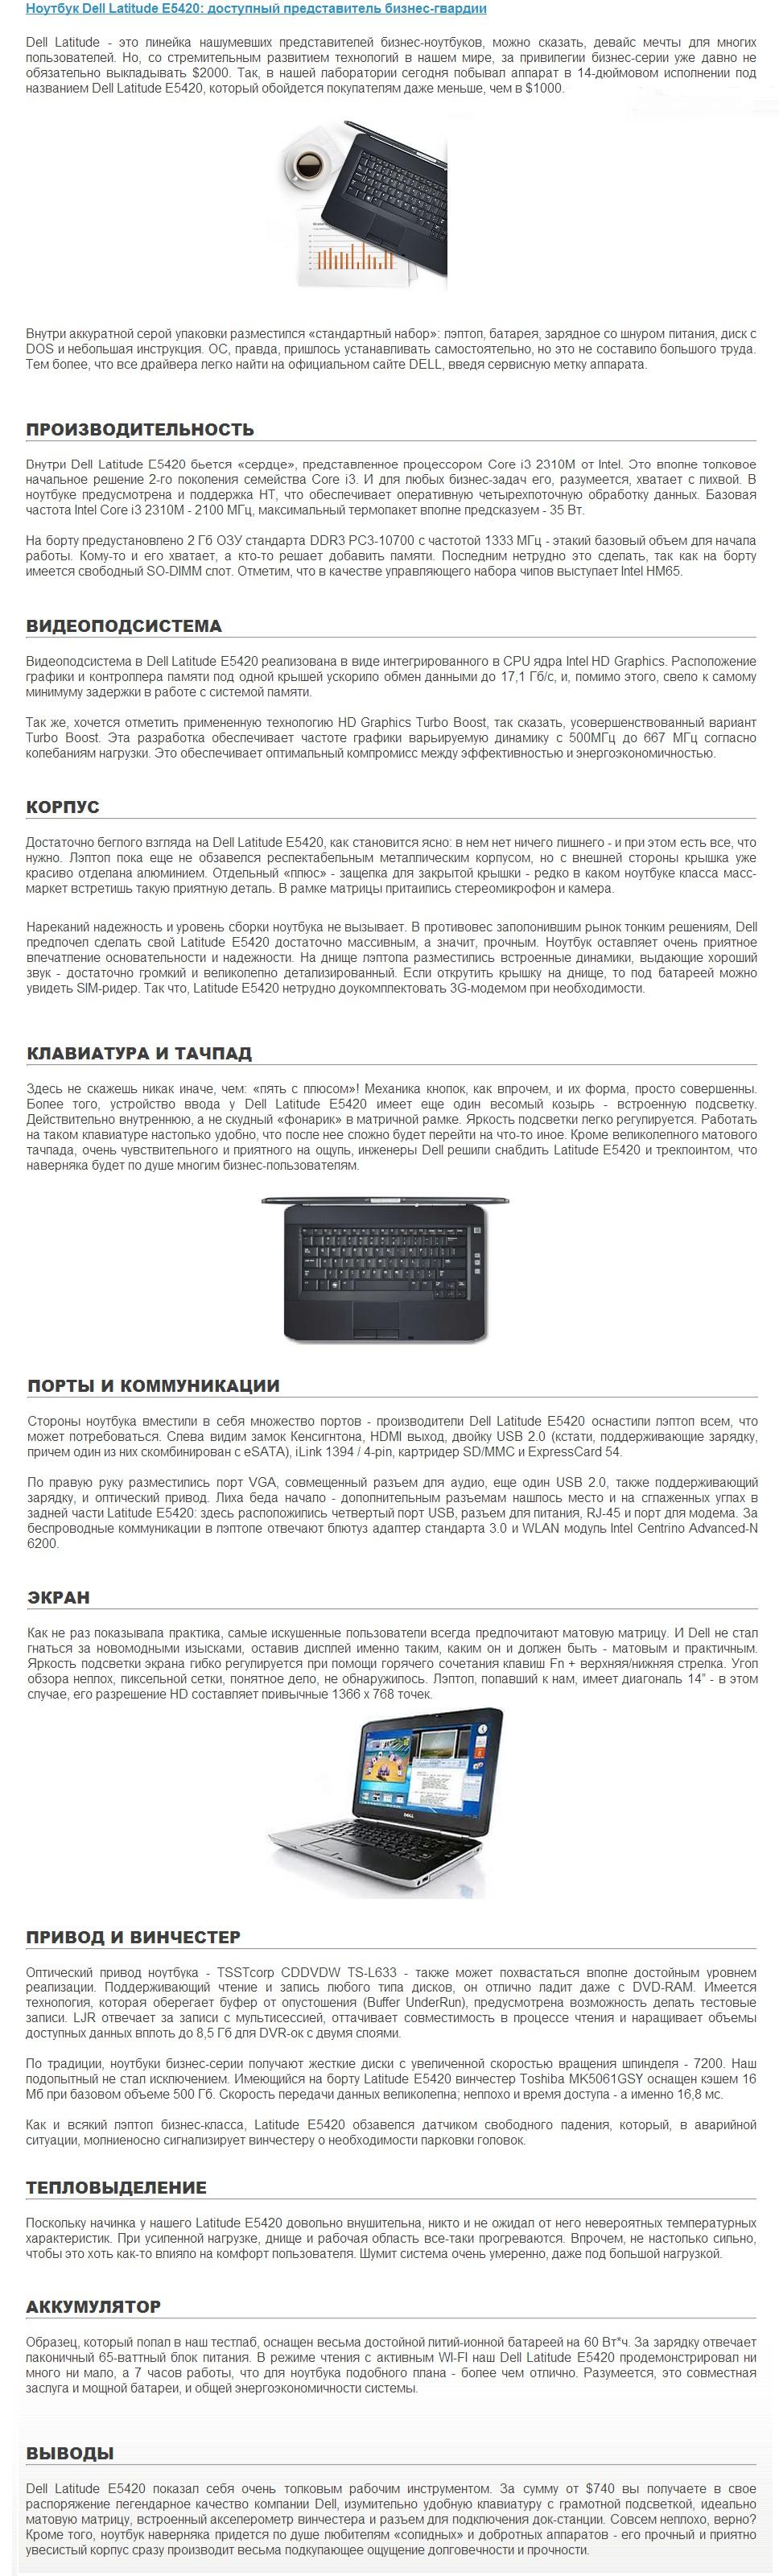 Dell Latitude E5420 - доступный представитель бизнес гвардии